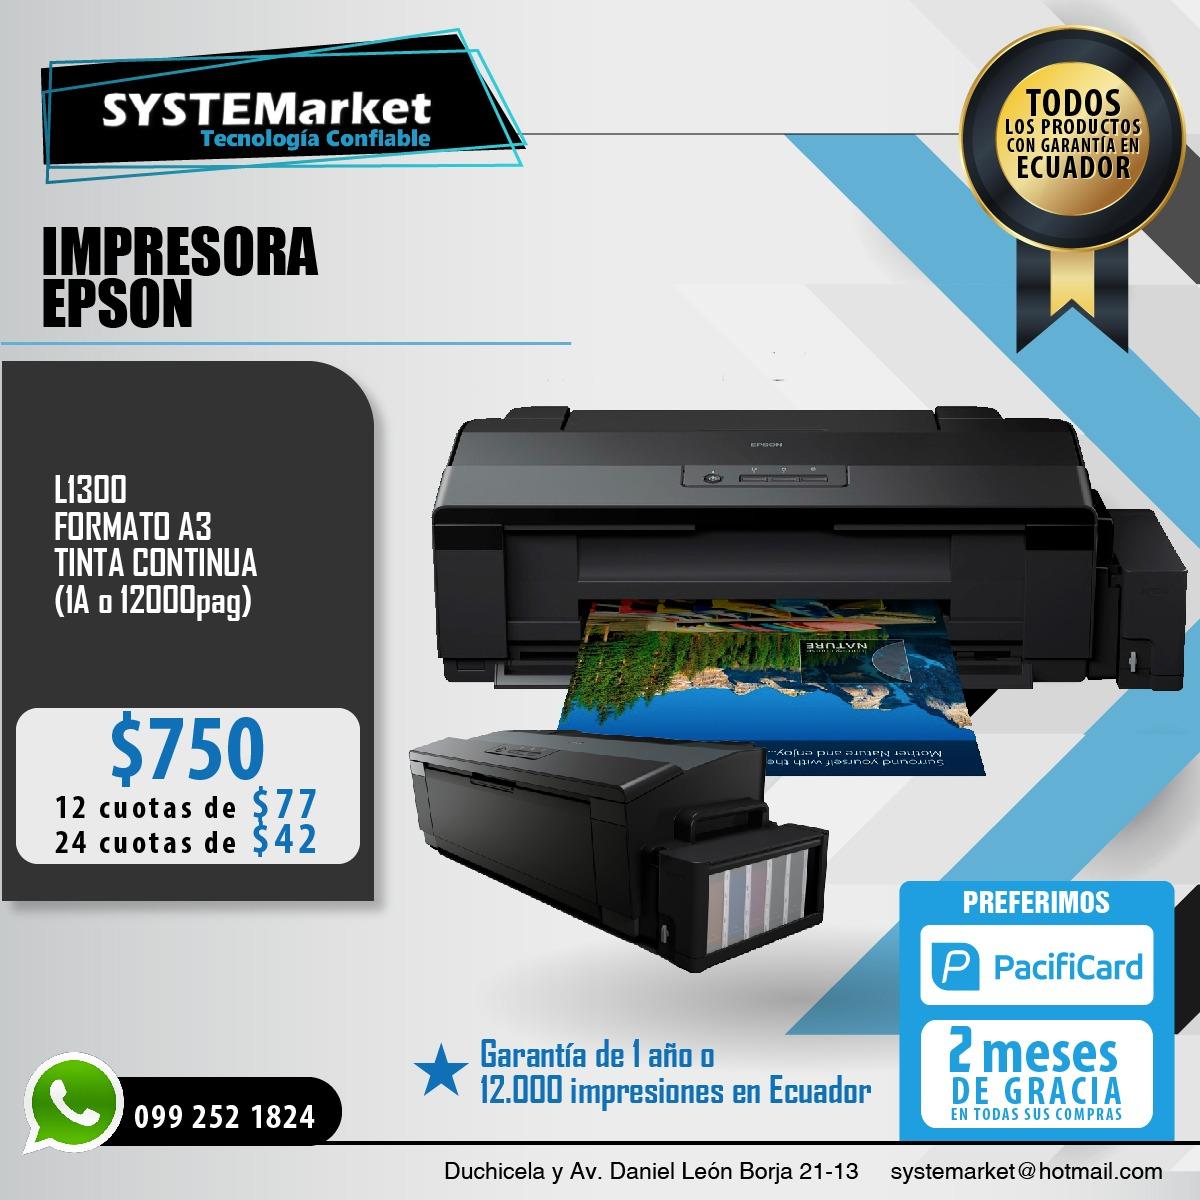 Impresora EPSON L1300